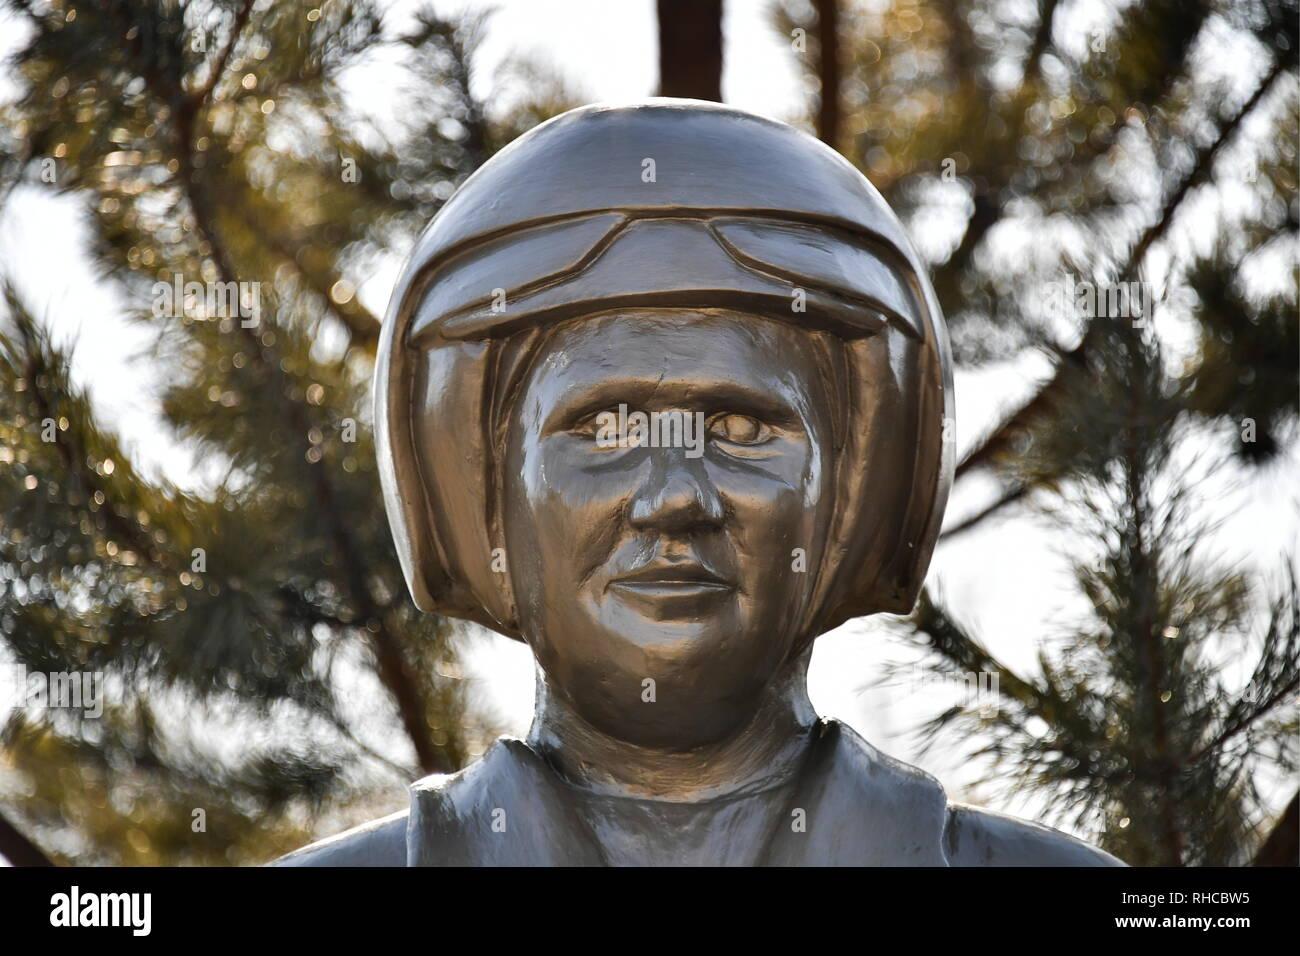 La Russie. 09Th Feb 2019. PRIMORYE TERRITORY, RUSSIE - Février 2, 2019: un monument à pilote russe, héros de la Fédération de Russie, Roman Filipov à un régiment de l'aviation d'assaut de la Fédération du District militaire de l'Est dans le village de Chernigovka. L'essai d'un romain Filipov Sukhoi Su-25 jet avions sur la zone de la désescalade d'Idlib en Syrie lors d'une mission de surveillance du cessez-le-feu lorsque son avion a été abattu par des terroristes. Le pilote a été tué dans une fusillade avec les terroristes après qu'il a éjecté. Credit: ITAR-TASS News Agency/Alamy Live News Photo Stock